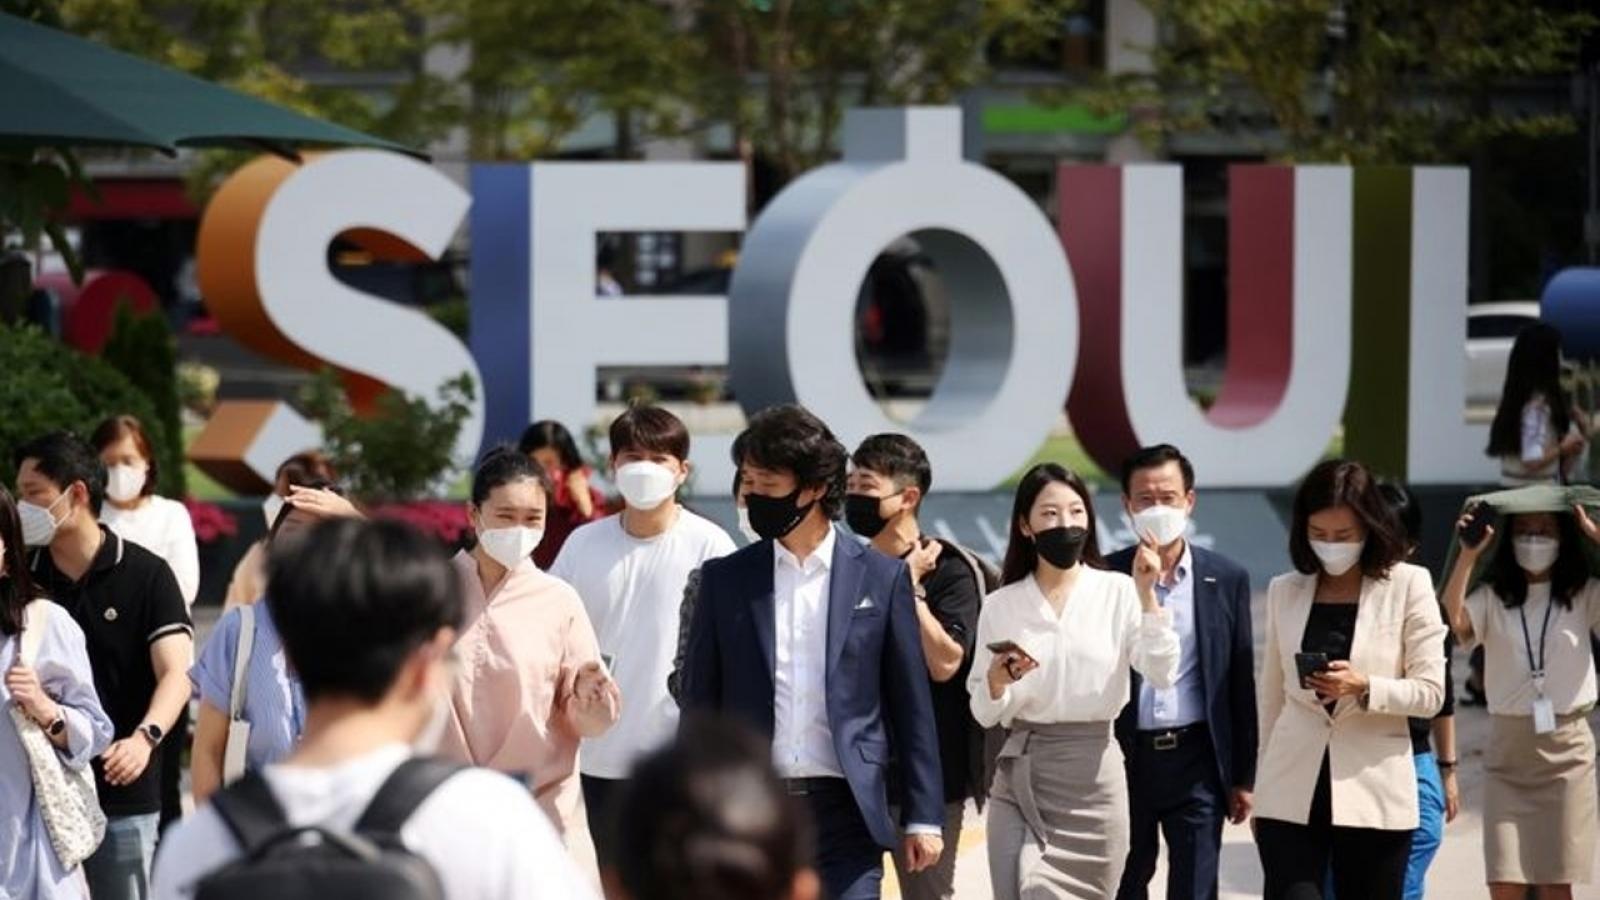 Hàn Quốc sẽ nới lỏng các hạn chế phòng dịch Covid-19 từ tuần tới